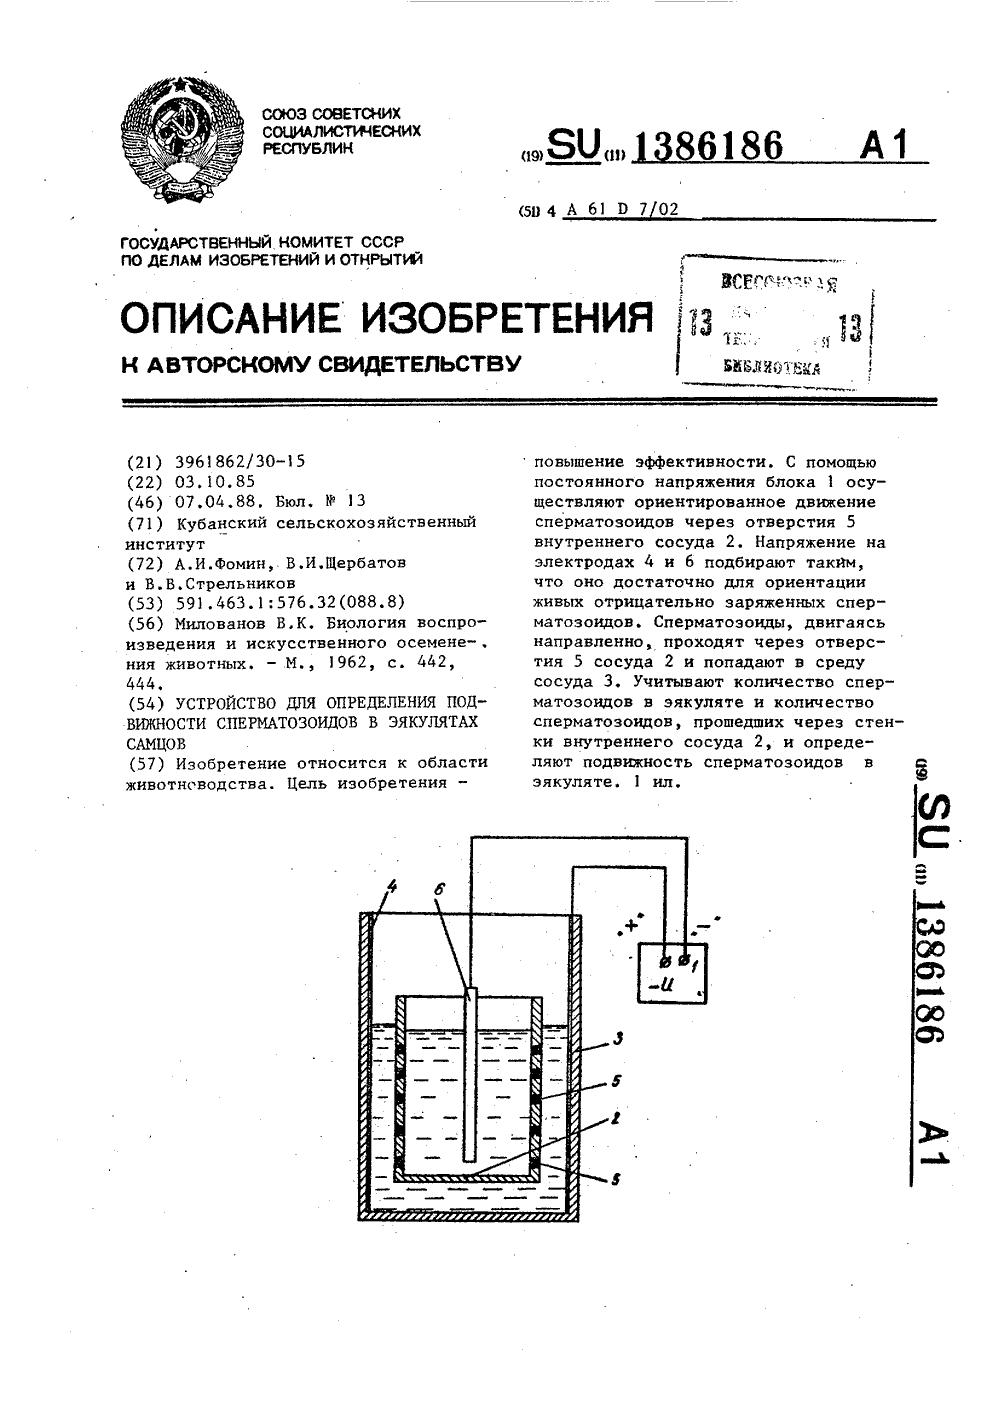 sposob-uvelicheniya-kolichestva-podvizhnih-spermatozoidov